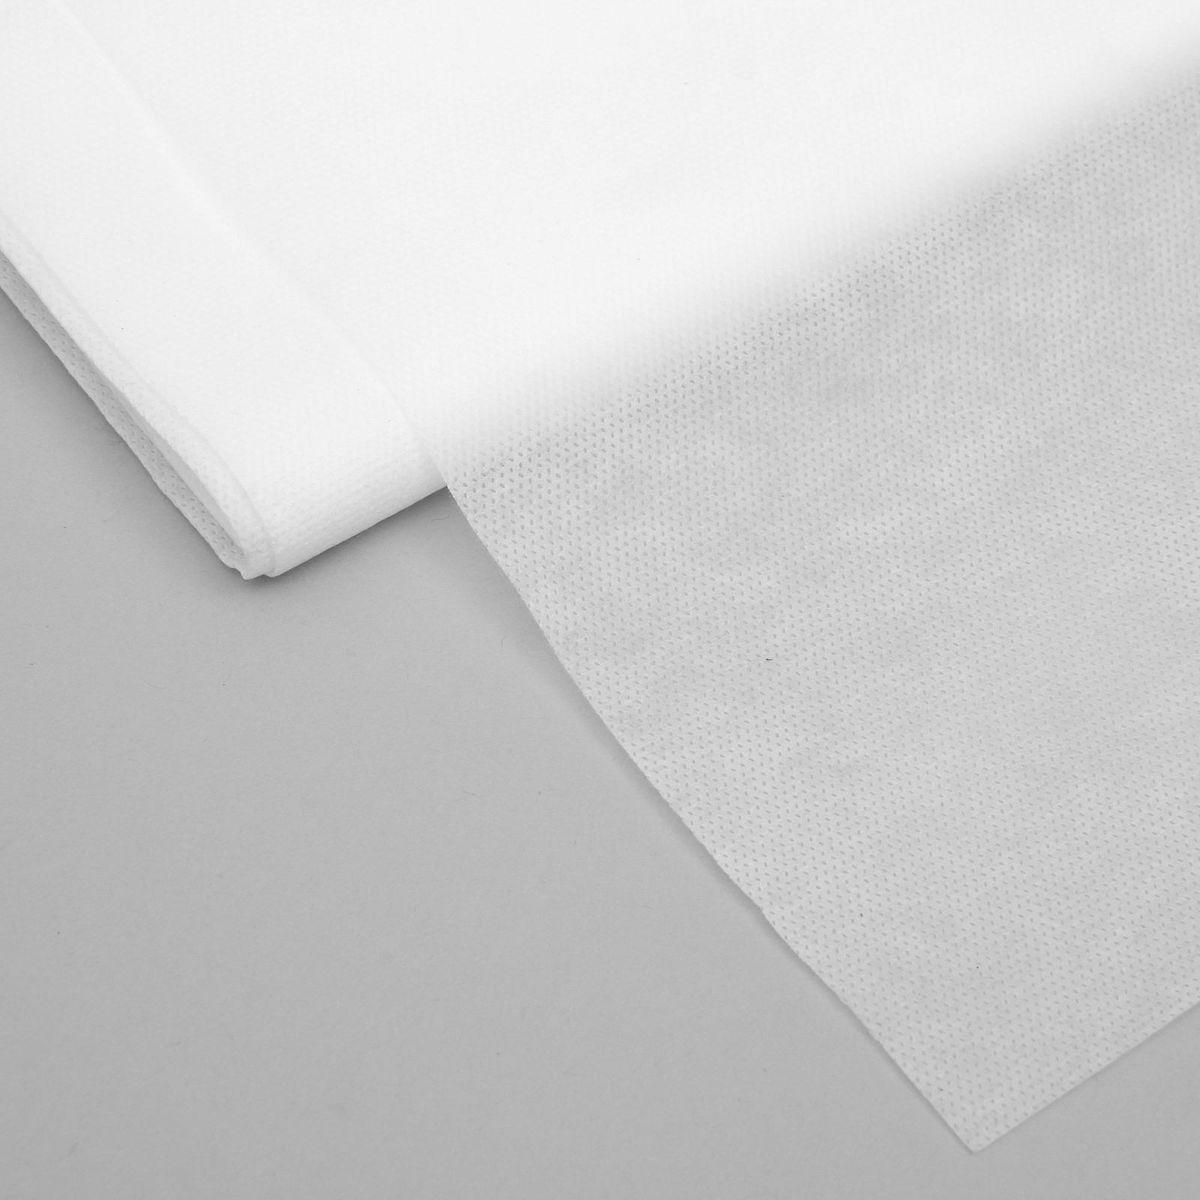 Материал укрывной Агротекс, цвет: белый, 10 х 1,6 м. 693570693570Многофункциональность, надежность и высокое качество - вот отличительные черты укрывного материала Агротекс. Укрывной материал можно использовать на грядках. Благодаря специально разработанной текстуре он обеспечит надежную защиту даже самых ранних побегов от: -заморозков; -солнечных ожогов; -холодной росы; -дождей; -птиц и грызунов. Материал создает мягкий, комфортный микроклимат, который способствует росту и развитию рассады. Благодаря новейшим разработкам укрывной материал удерживает влагу, и растения реже нуждаются в поливе. Ближе к зиме опытные садоводы укутывают им стволы деревьев, теплицы и грядки, чтобы исключить промерзание земли и корневой системы. Материал Агротекс поможет вам ускорить процесс созревания растений, повысит урожайность, сэкономит средства и силы по уходу за садом.Плотность: 30 г/м2.